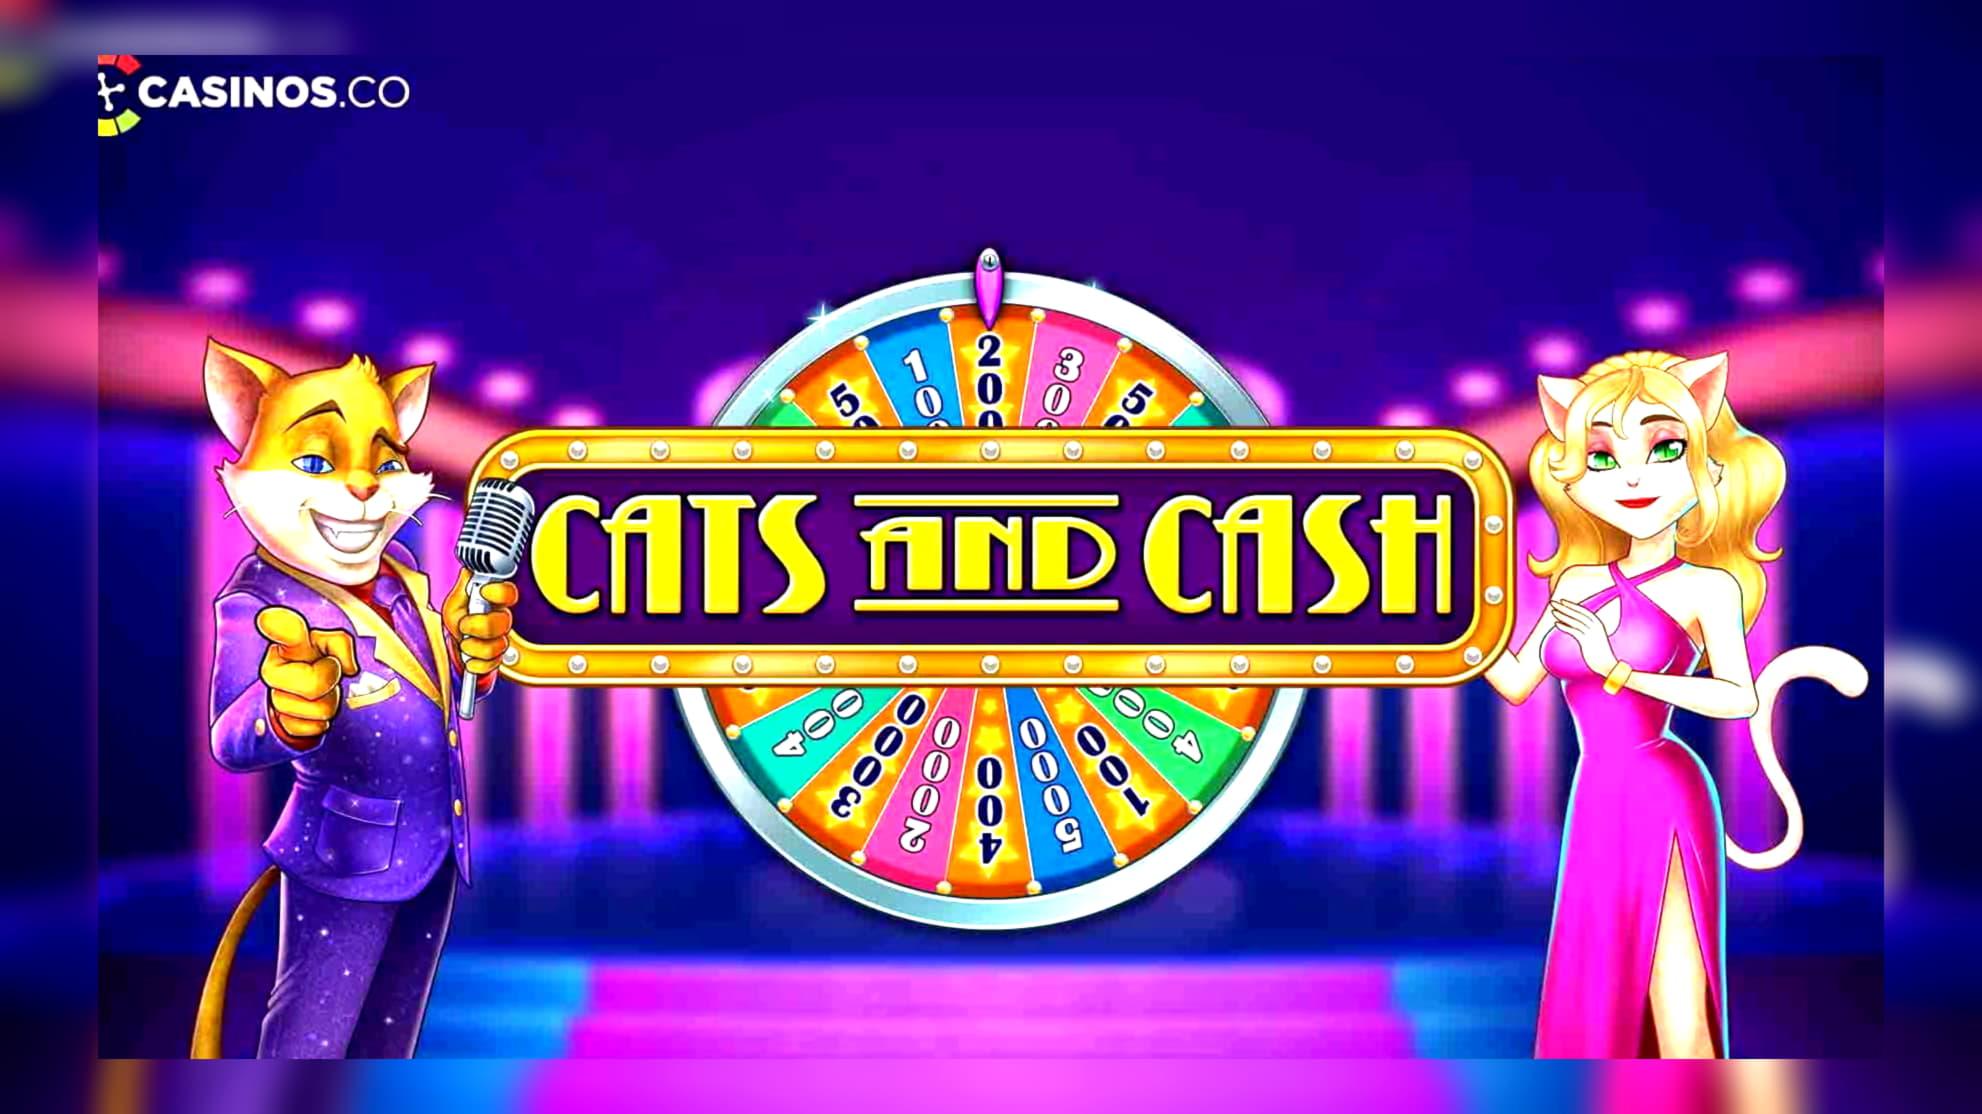 € 350 ชิปฟรีที่ Vegas Crest Casino